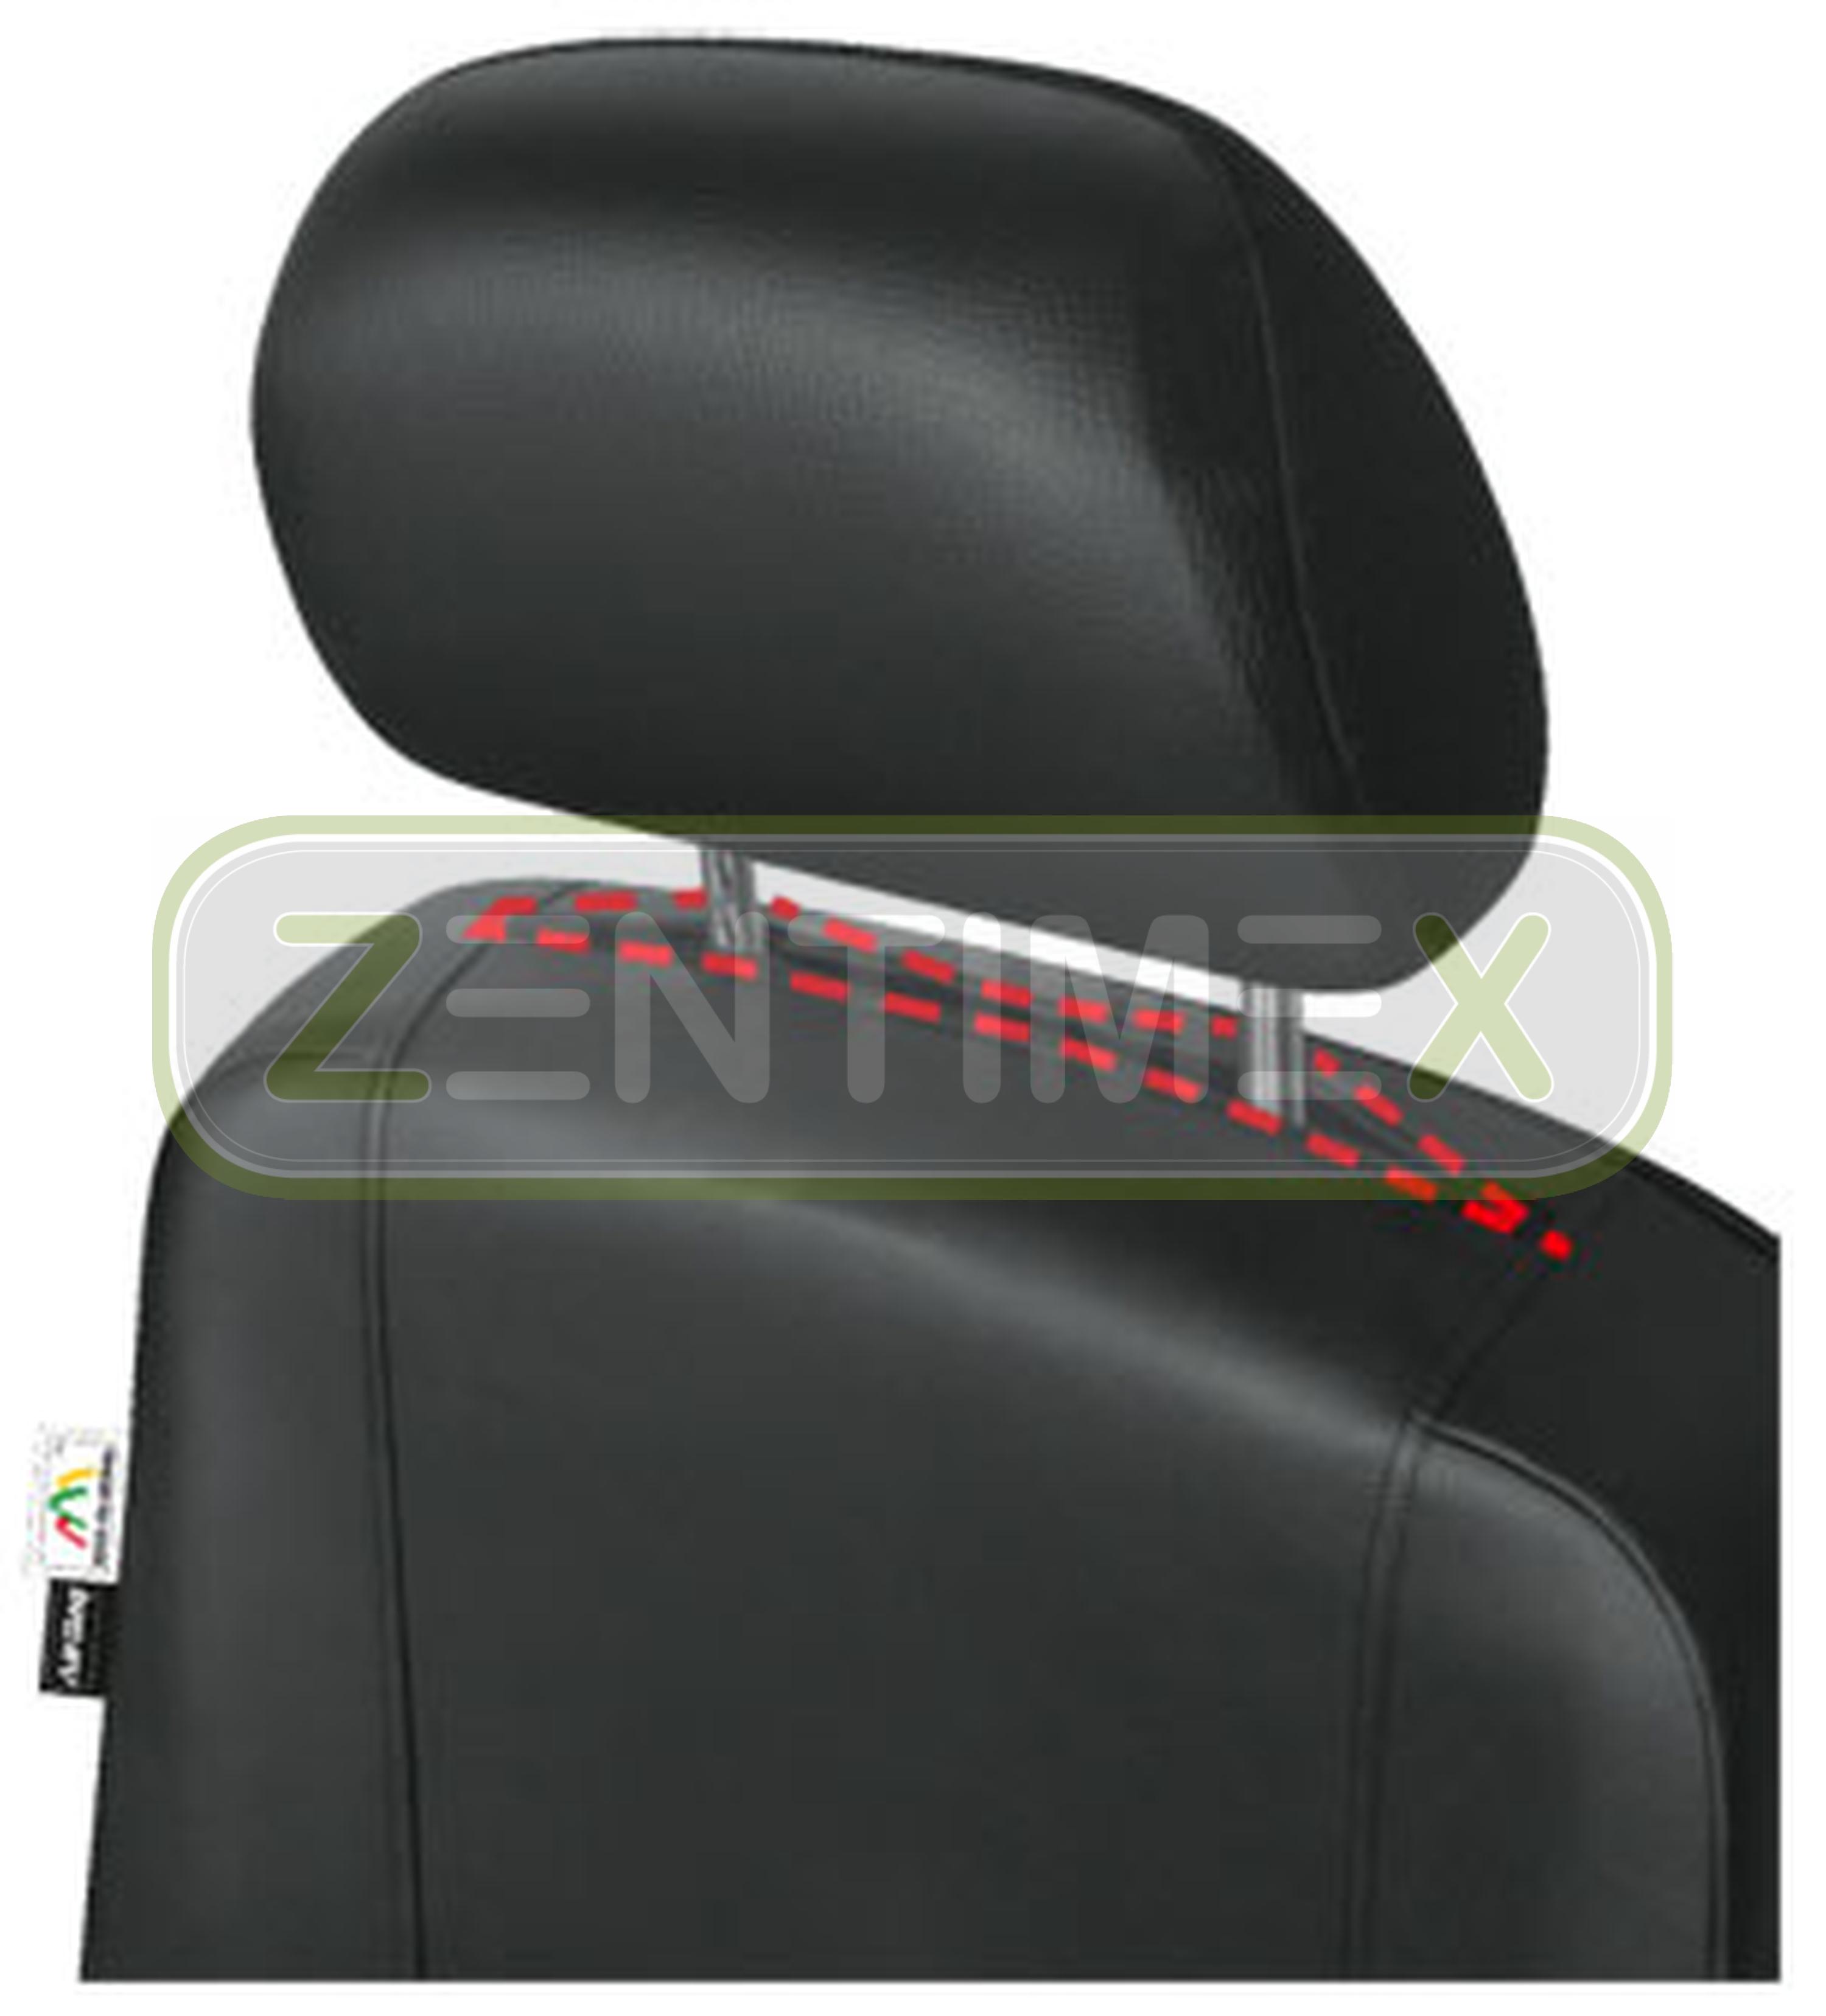 Sitzbezüge Schonbezüge SET QD Peugeot Expert Kunstleder schwarz